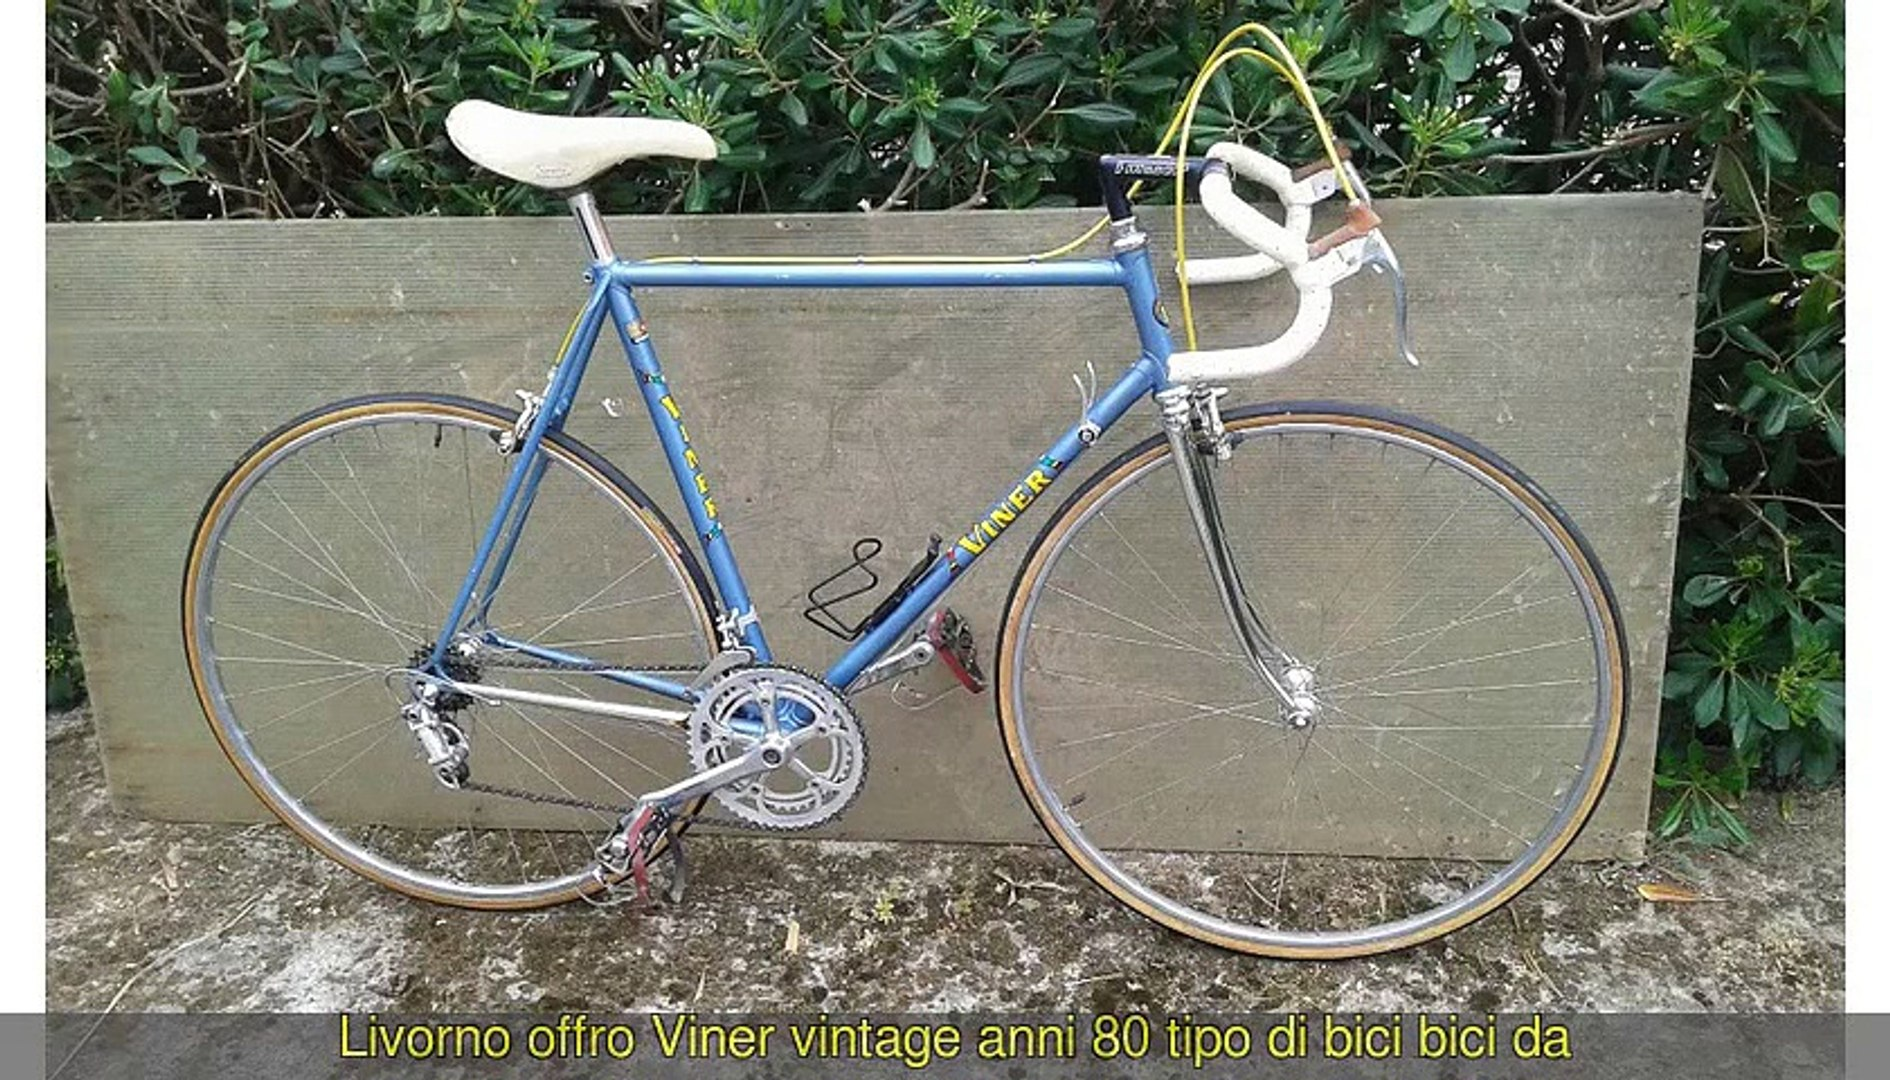 Viner Vintage Anni 80 Tipo Di Bici